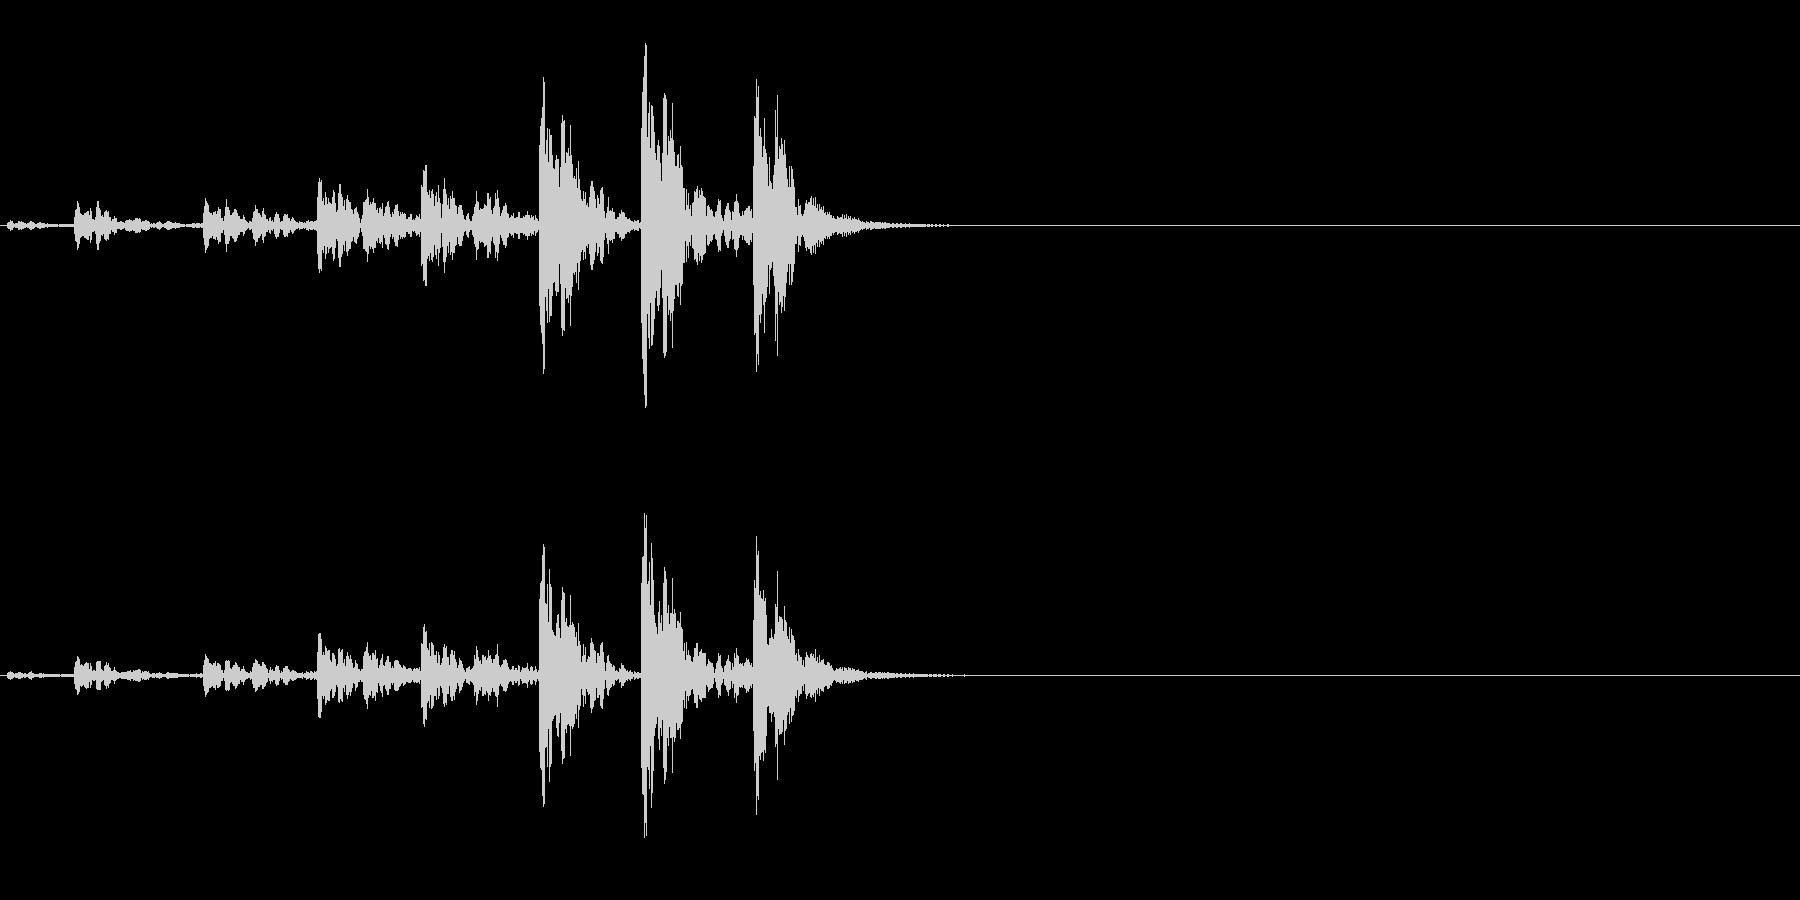 相撲などの触れ太鼓「大拍子」の連続音2の未再生の波形